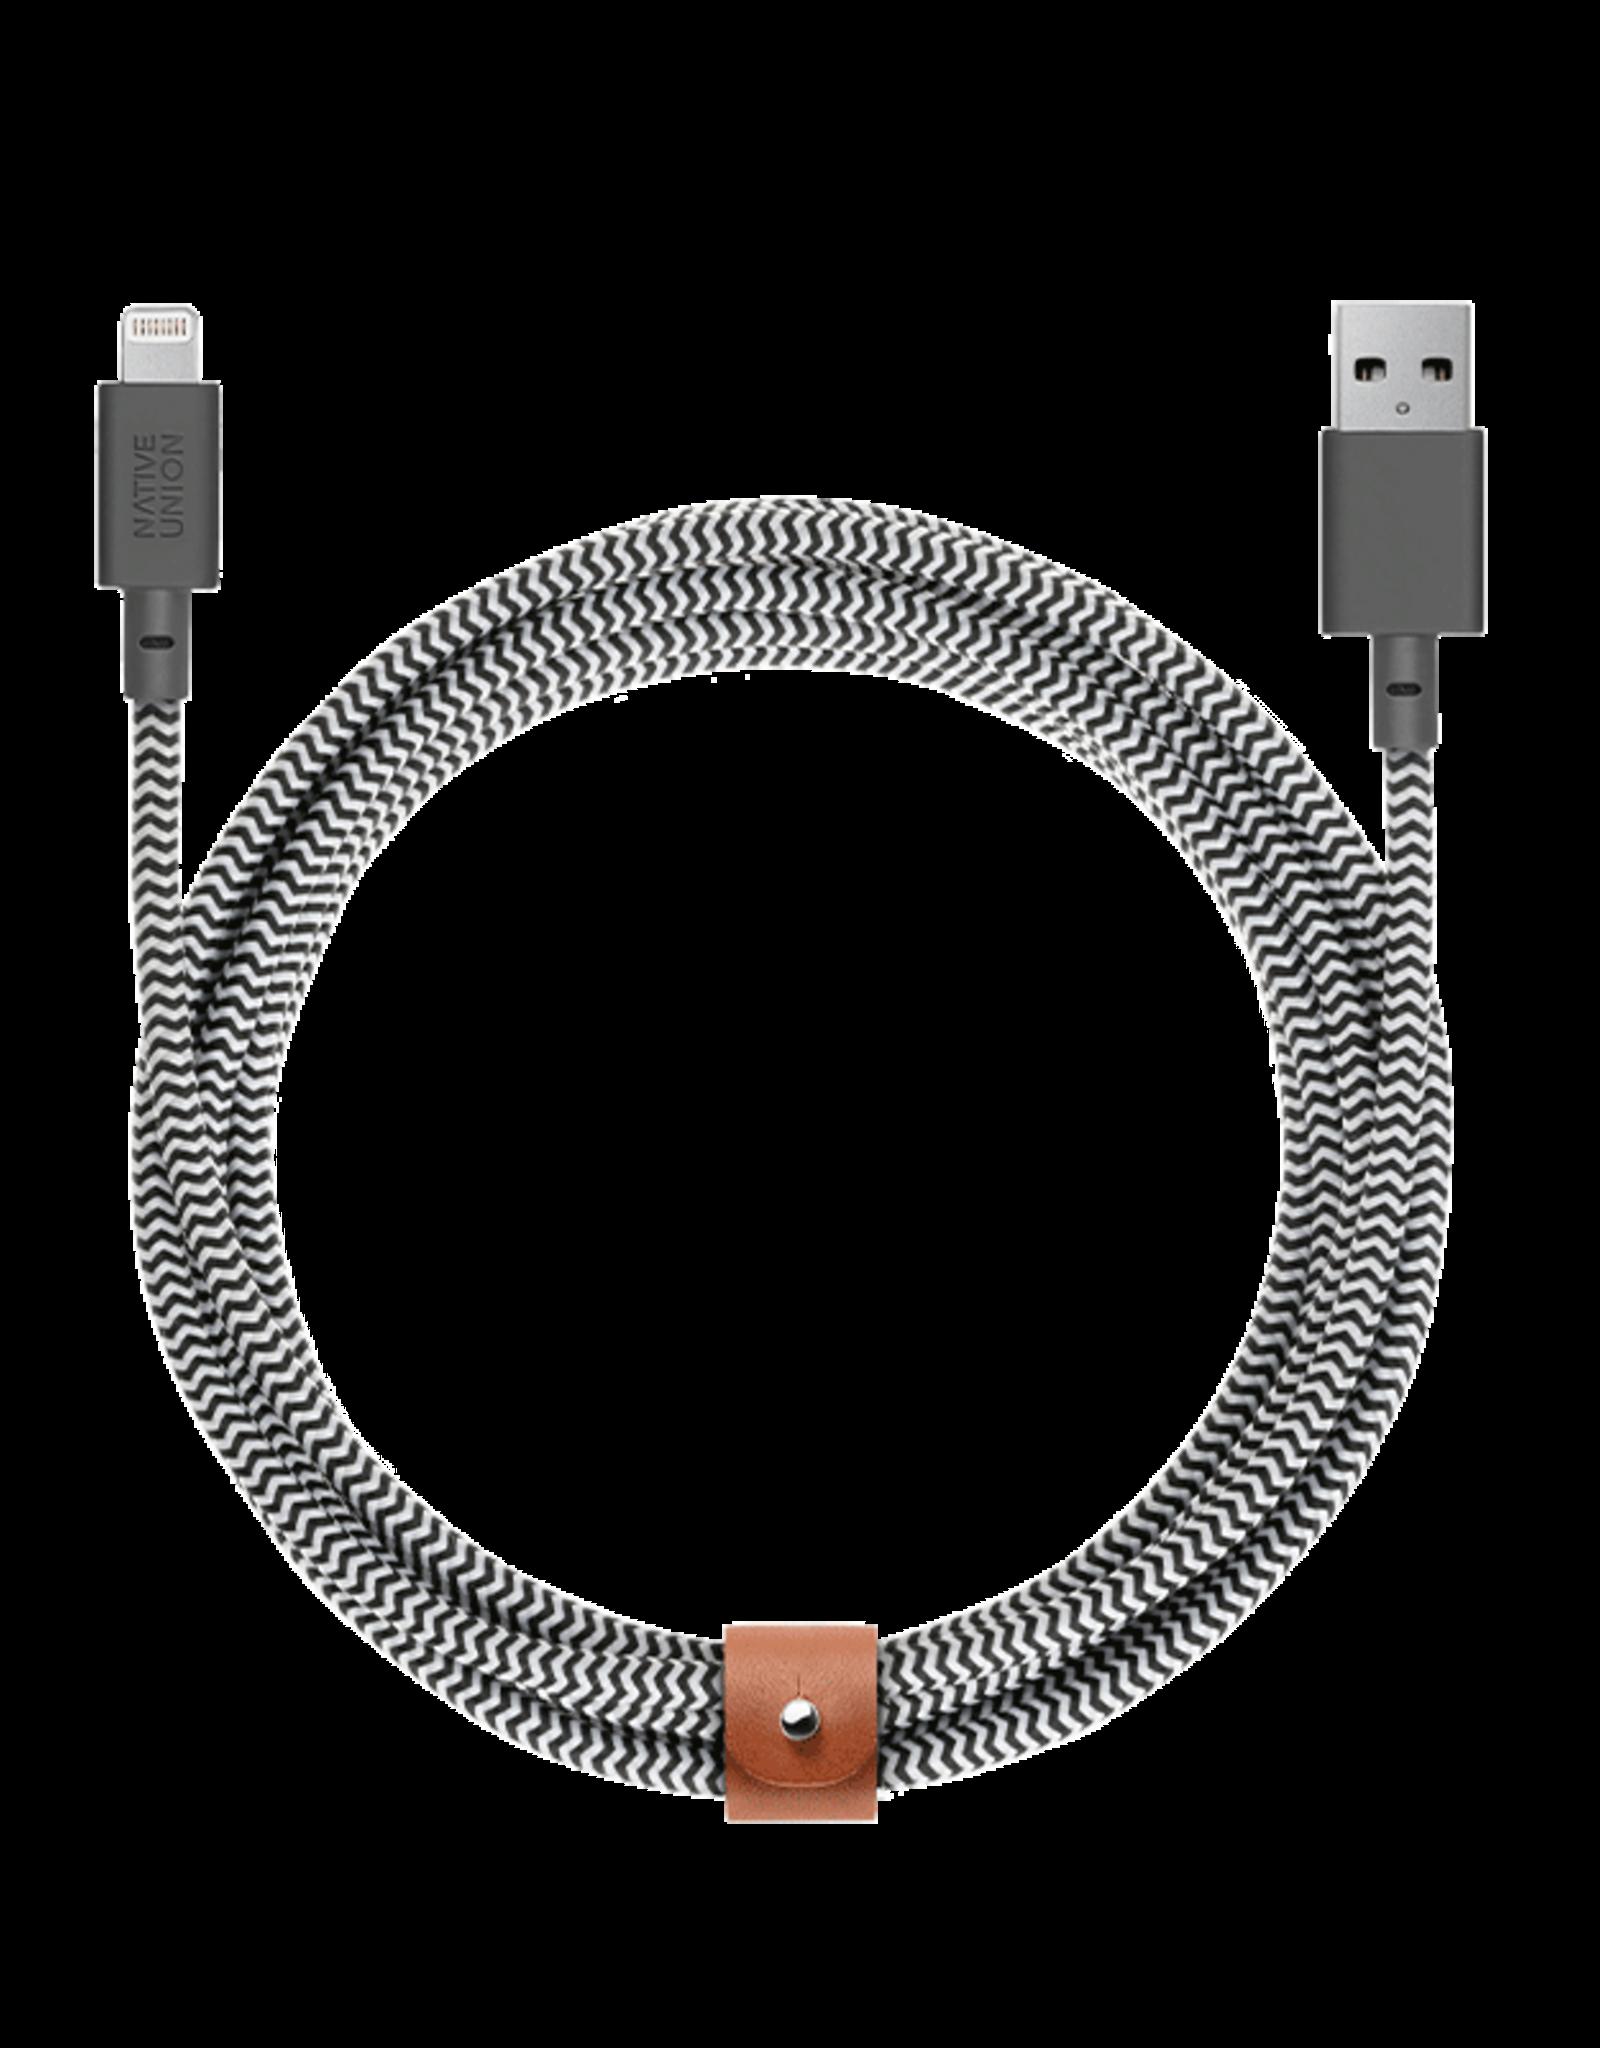 Native Union Native Union | Belt Cable - Zebra | CABLE-L-ZEBRA-LARGE (3M)